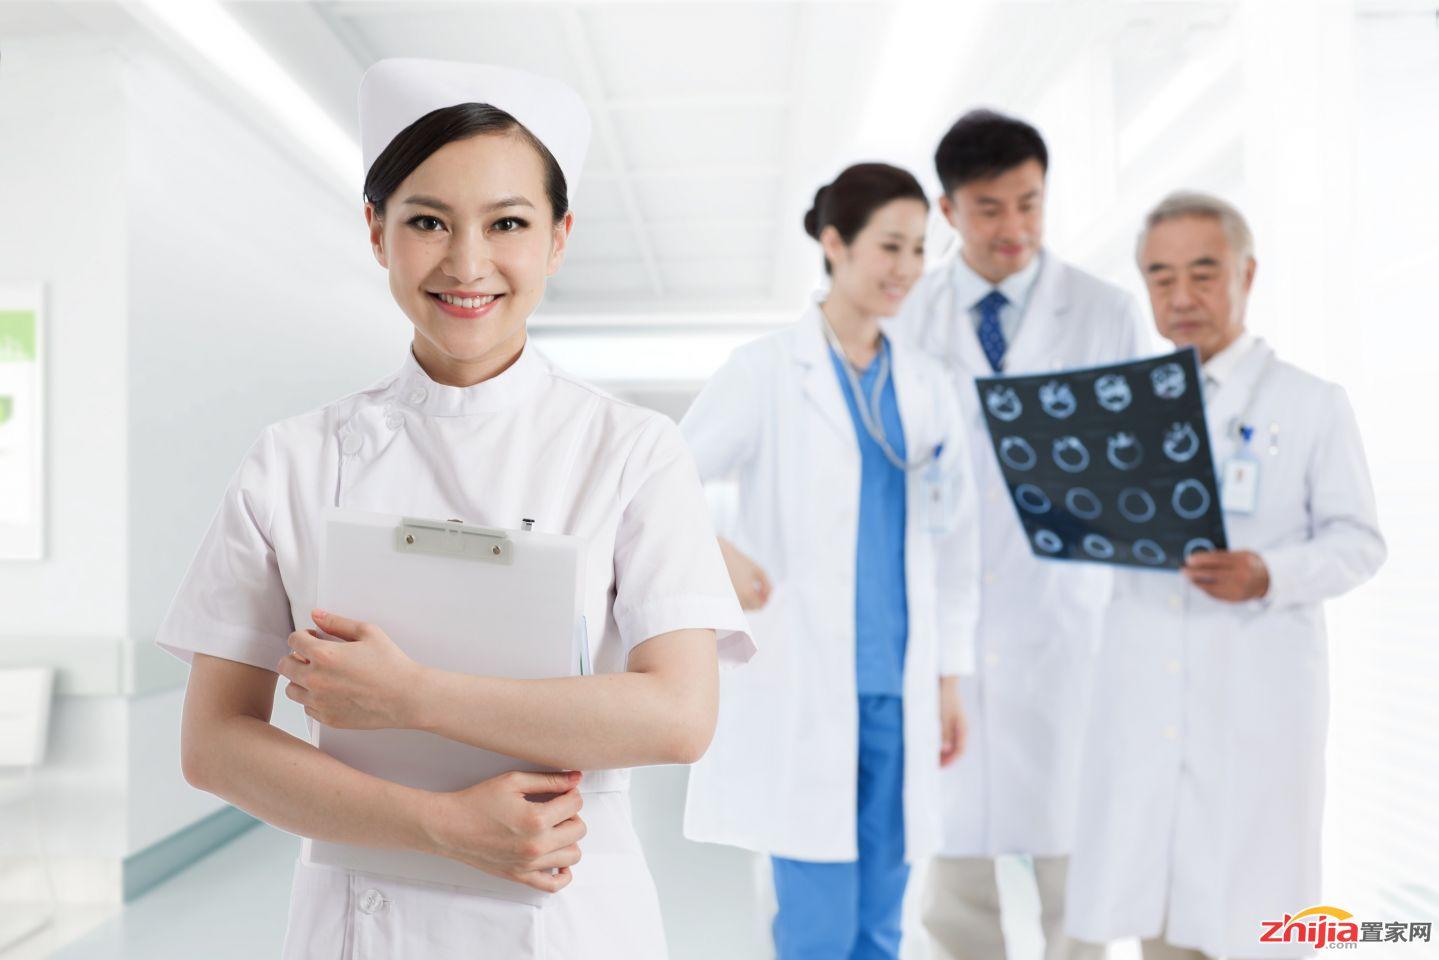 铂宫后海 | 医疗配套,社区专属